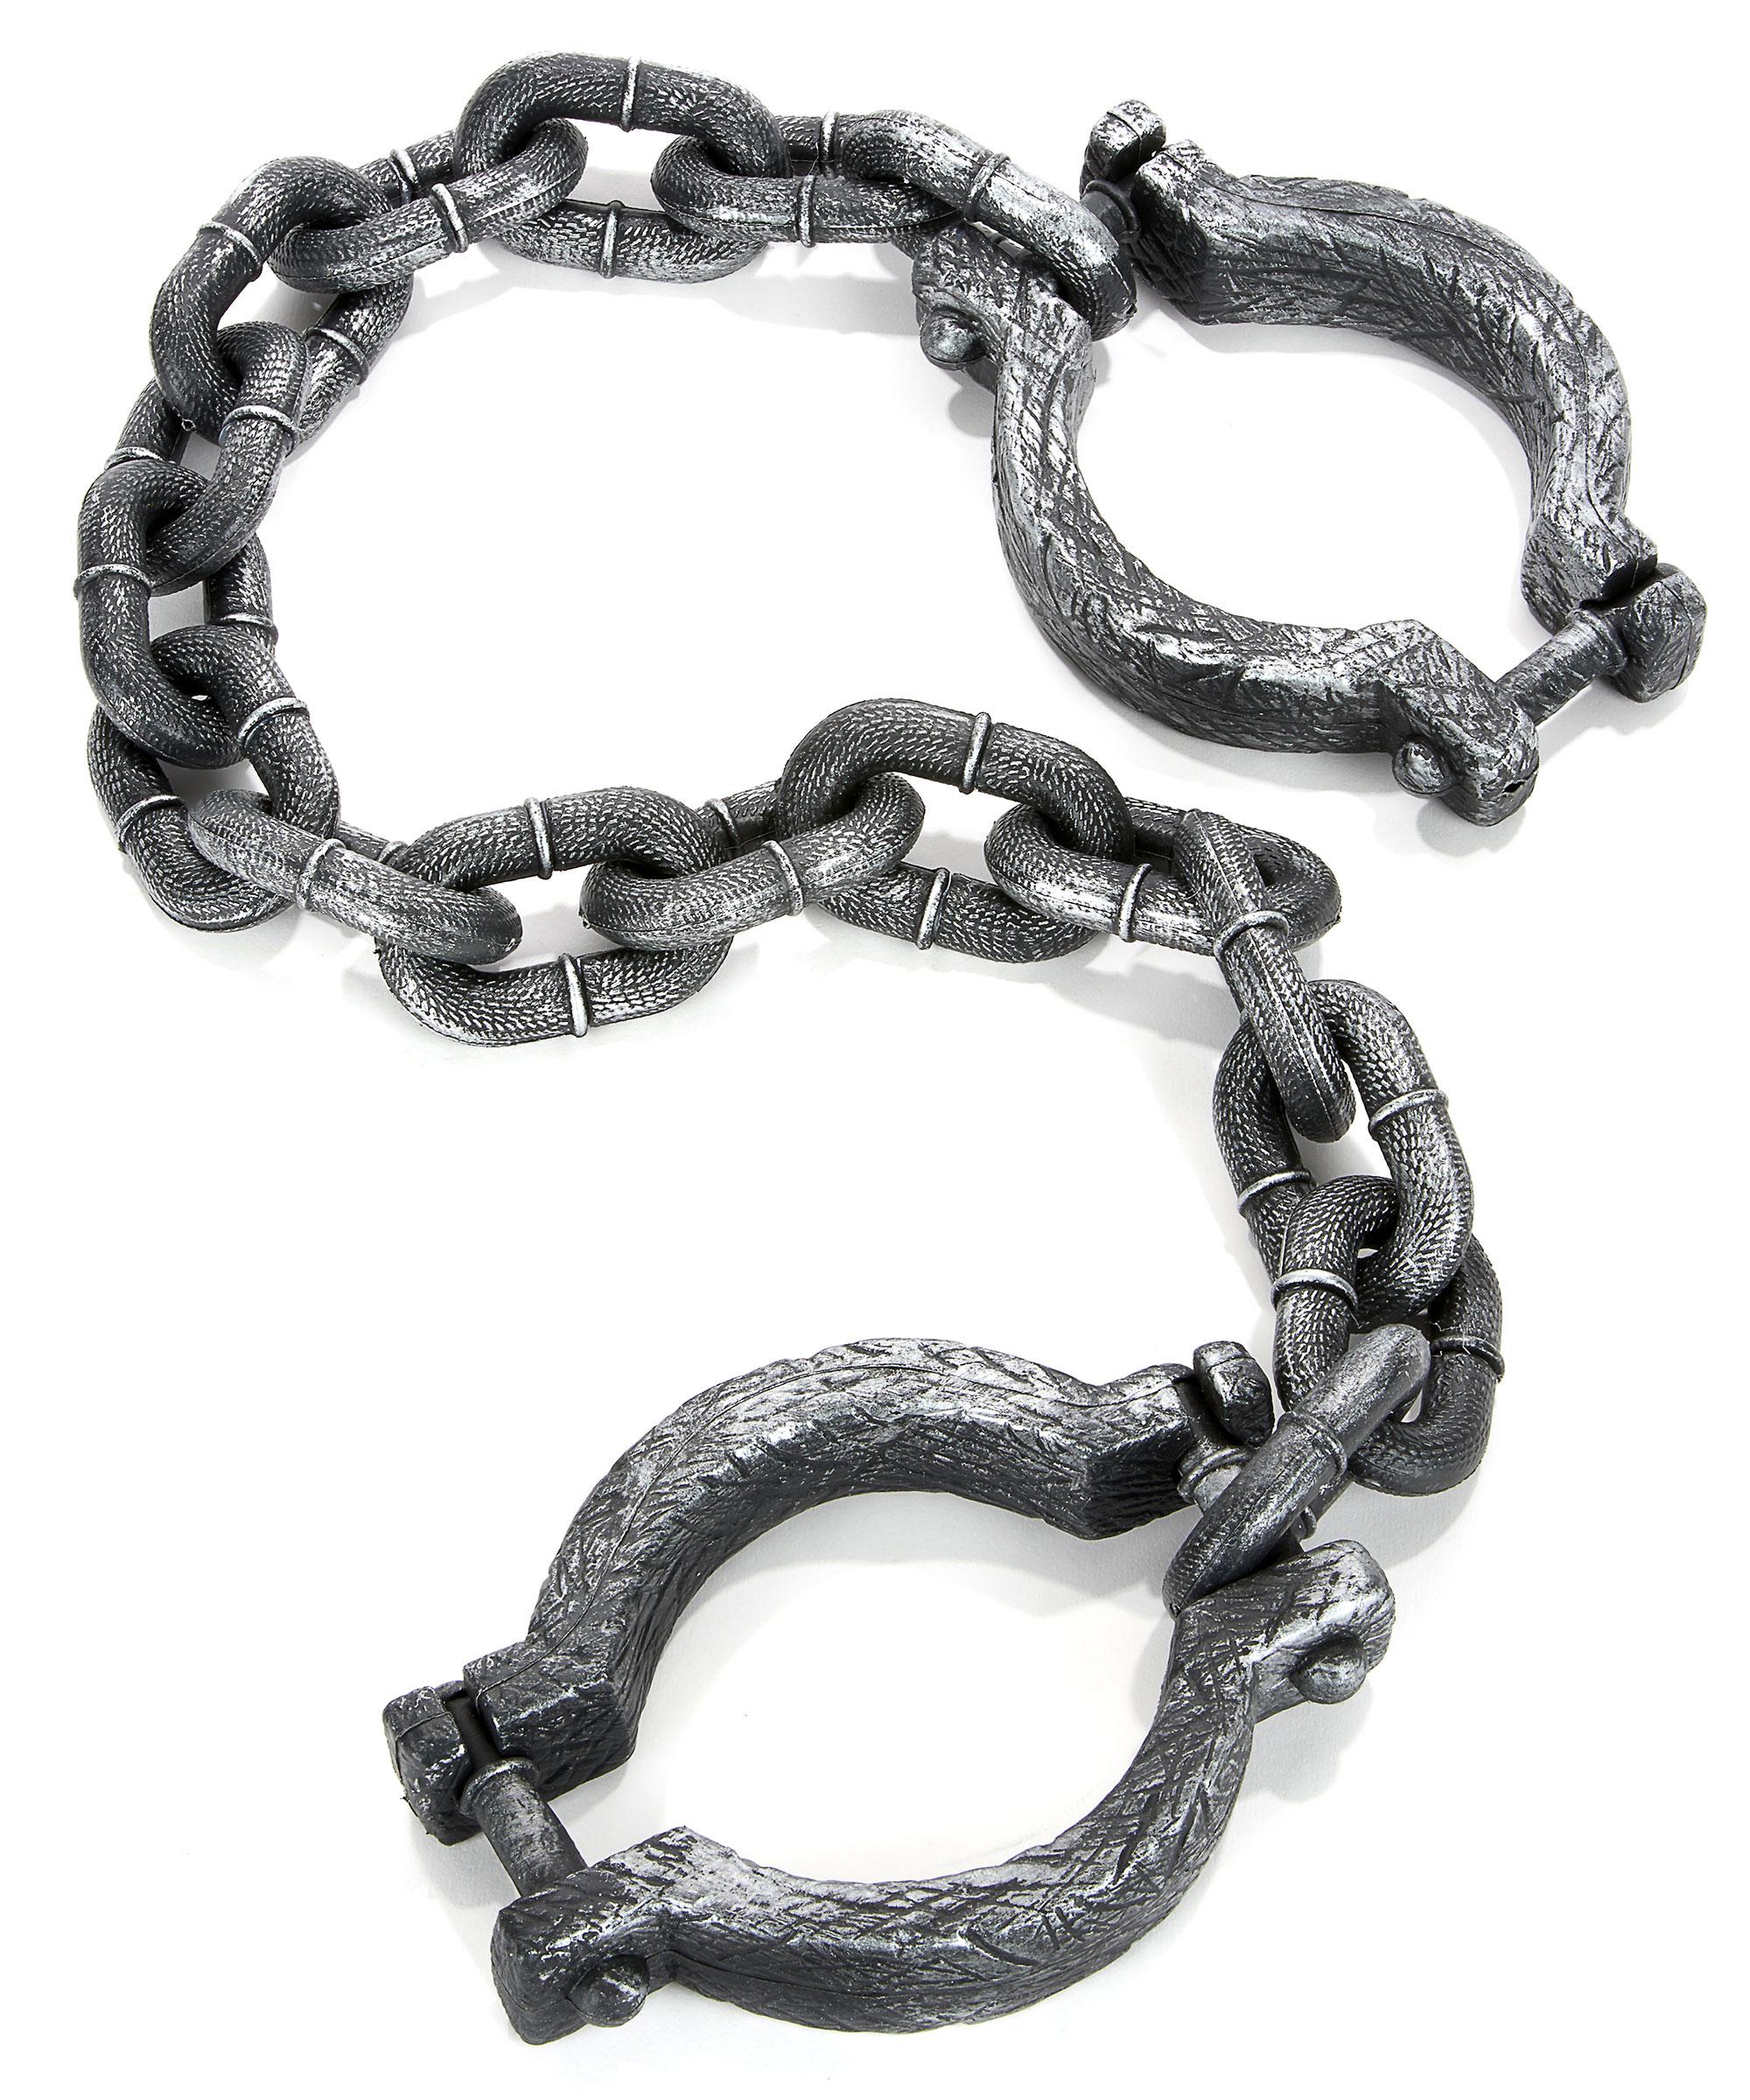 زنجیر یک قتل